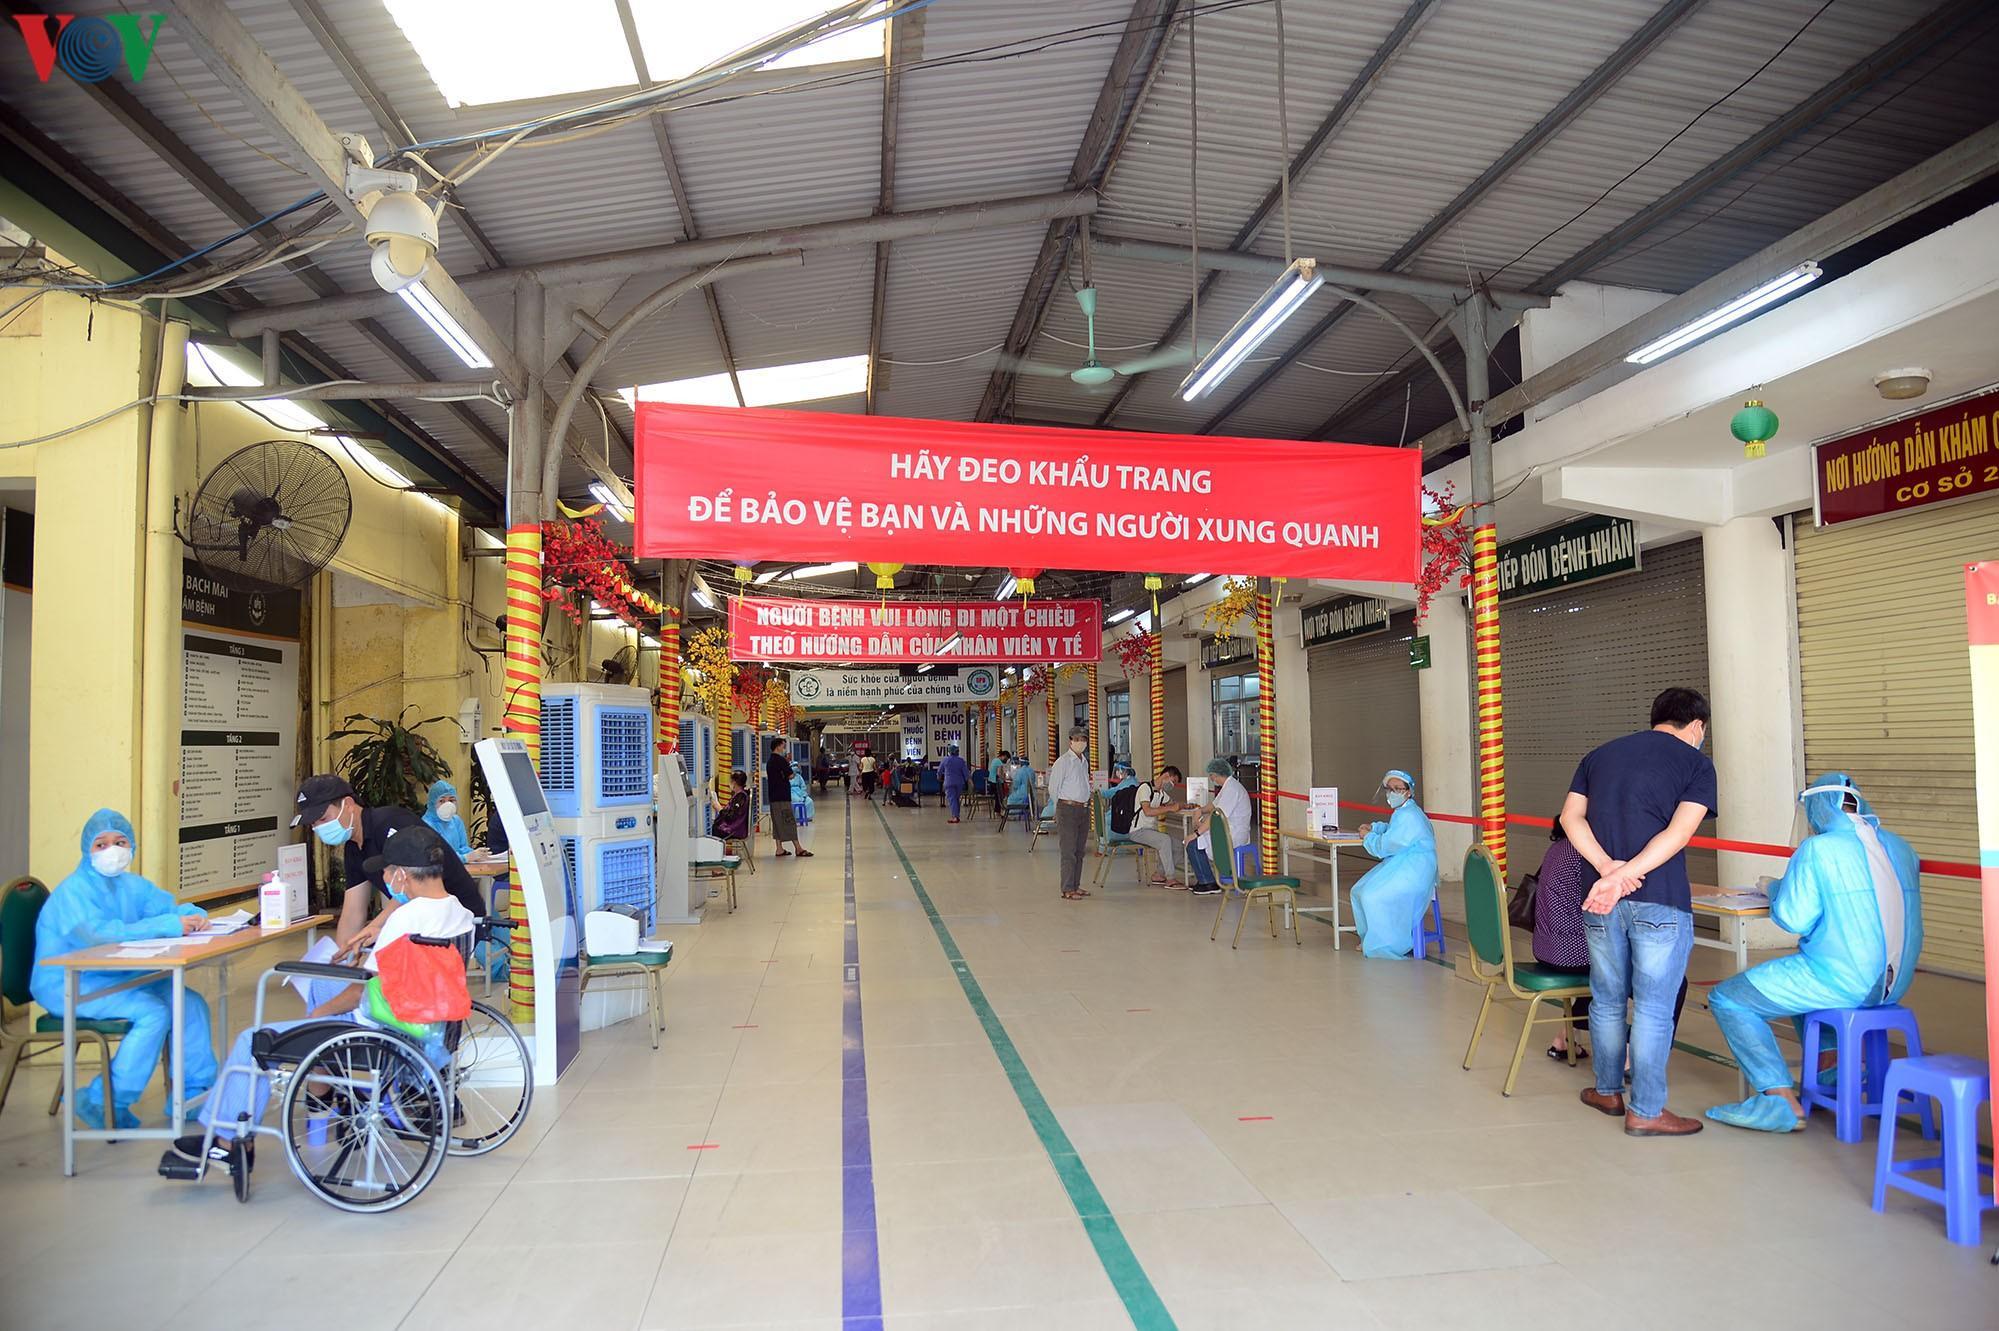 Người dân đổ về bệnh viện Bạch Mai khám bệnh sau thời gian cách ly Ảnh 14